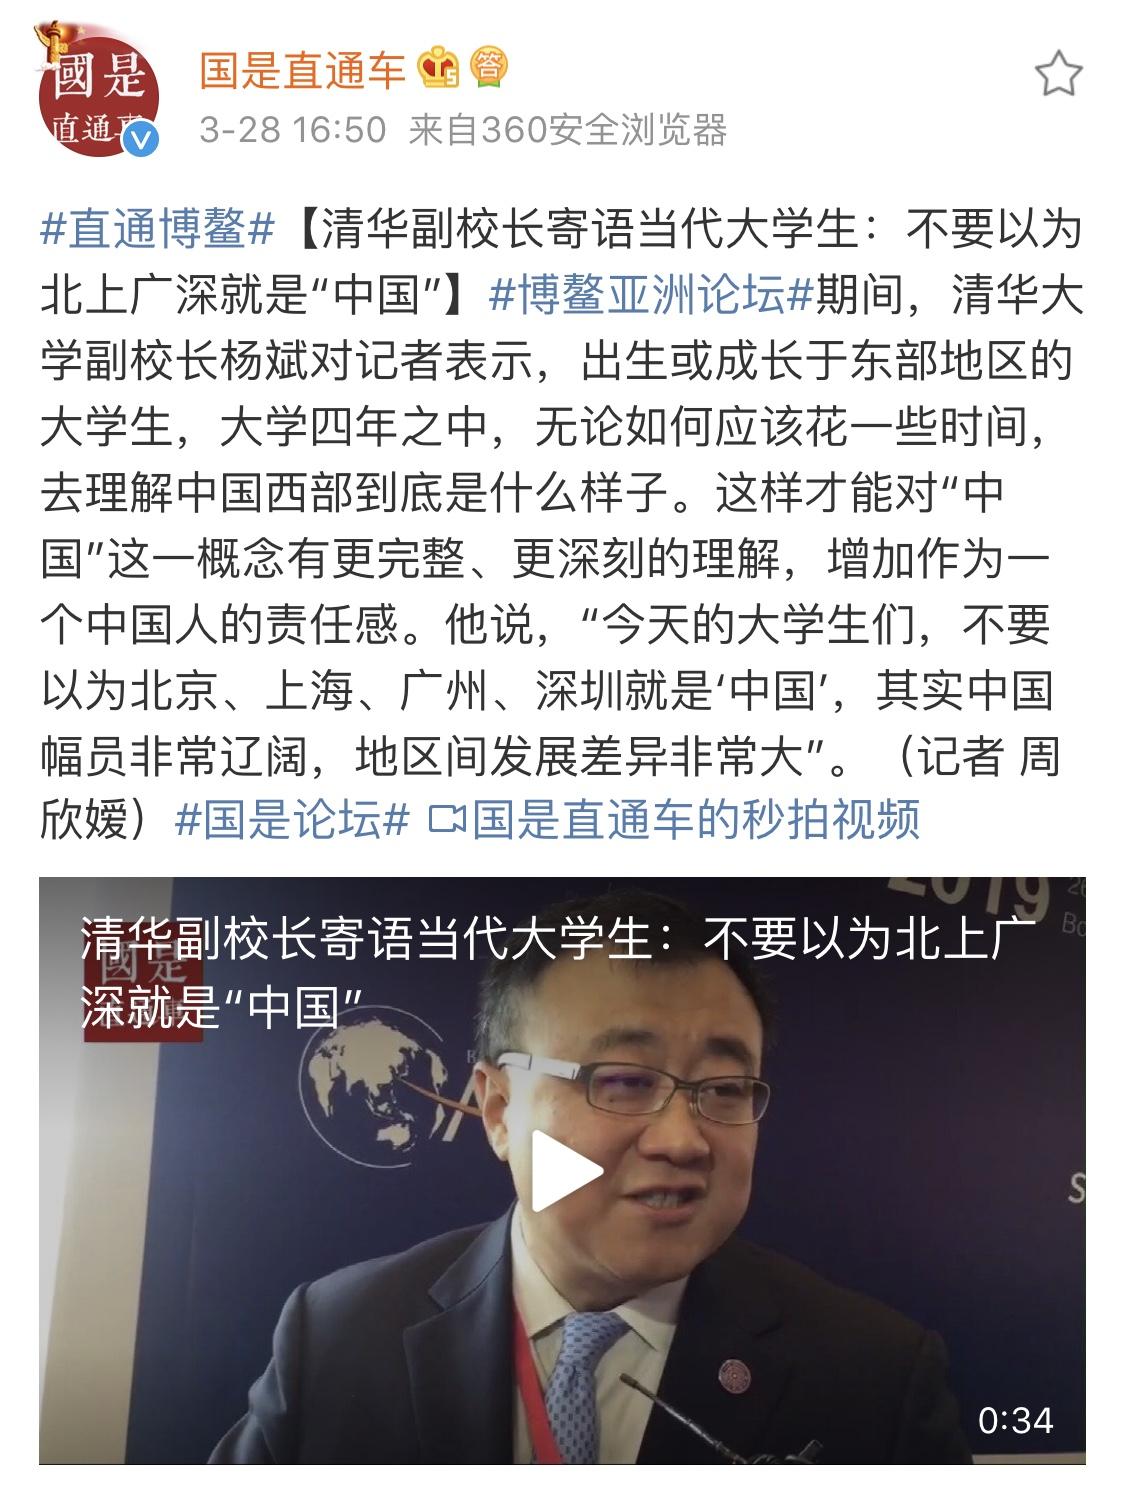 """清华副校长寄语学生:不要以为北上广深就是""""中国"""""""